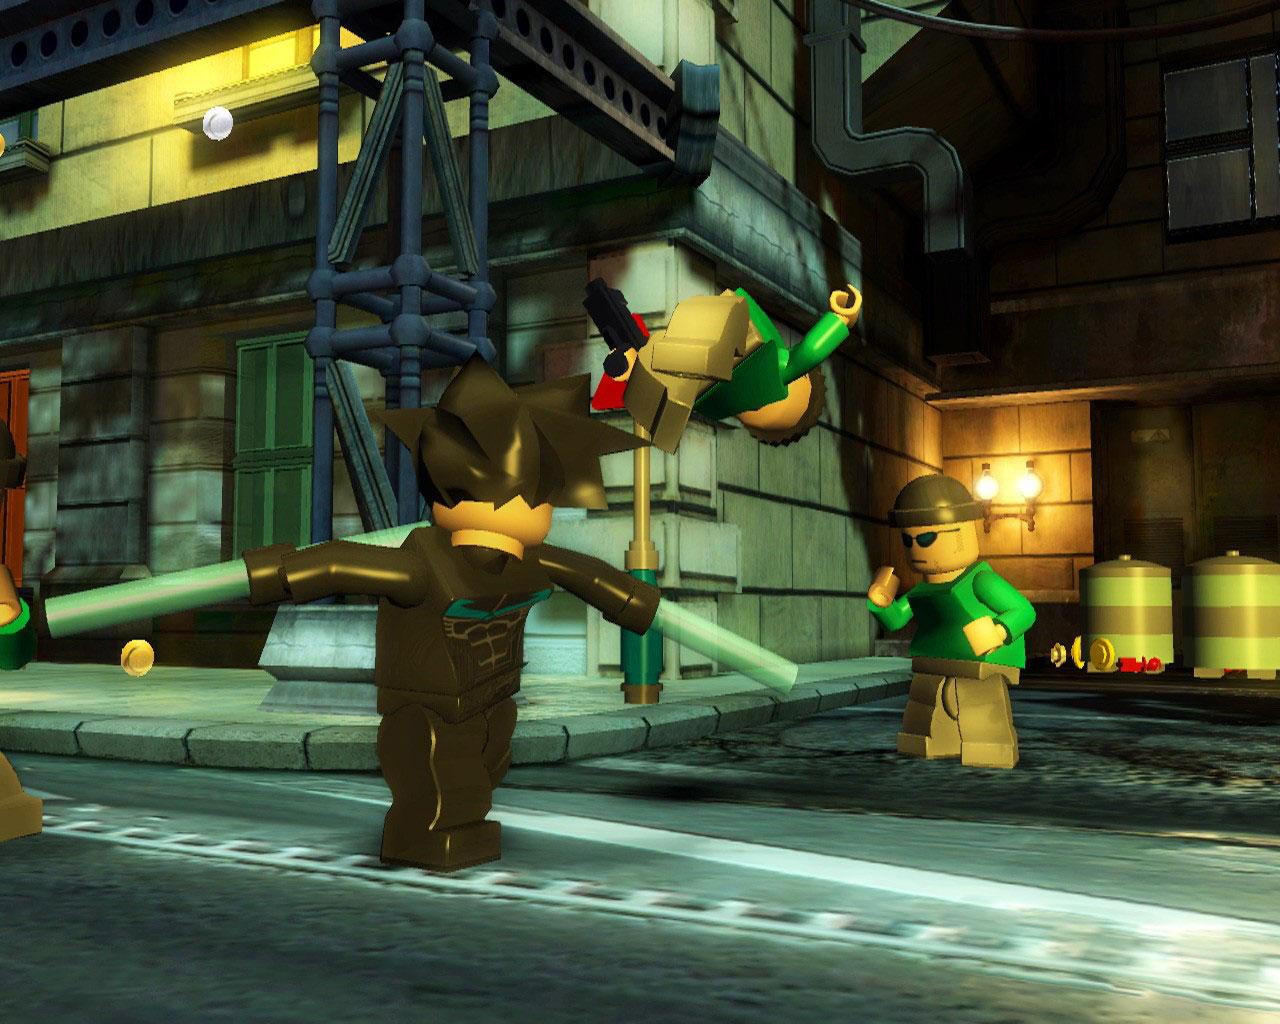 九月份上市游戏 乐高蝙蝠侠 新画面